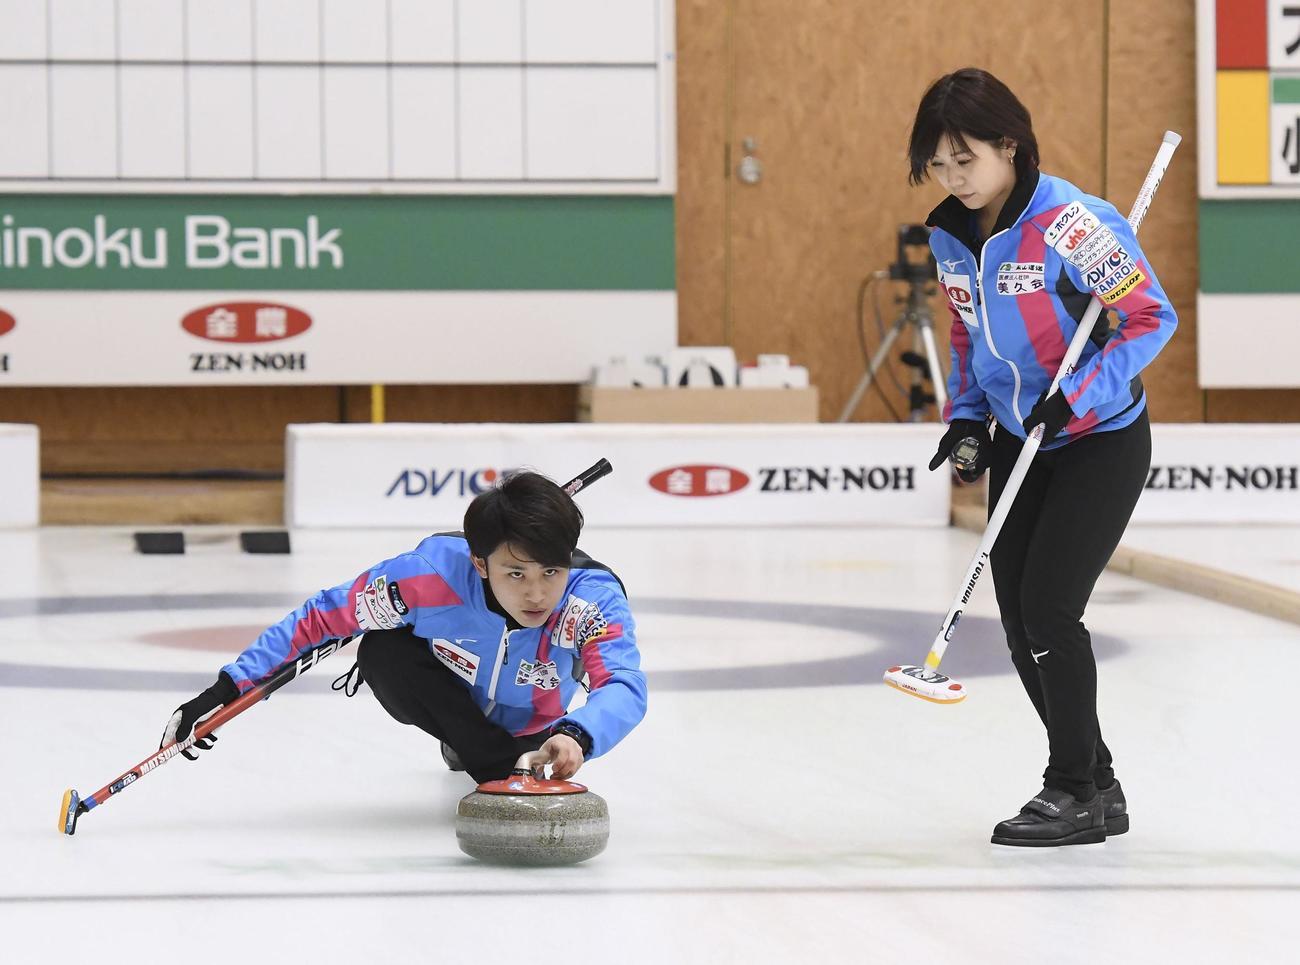 準々決勝でショットを放つ松村(左)と吉田夕=みちぎんドリームスタジアム(C) JCA IDE(共同)